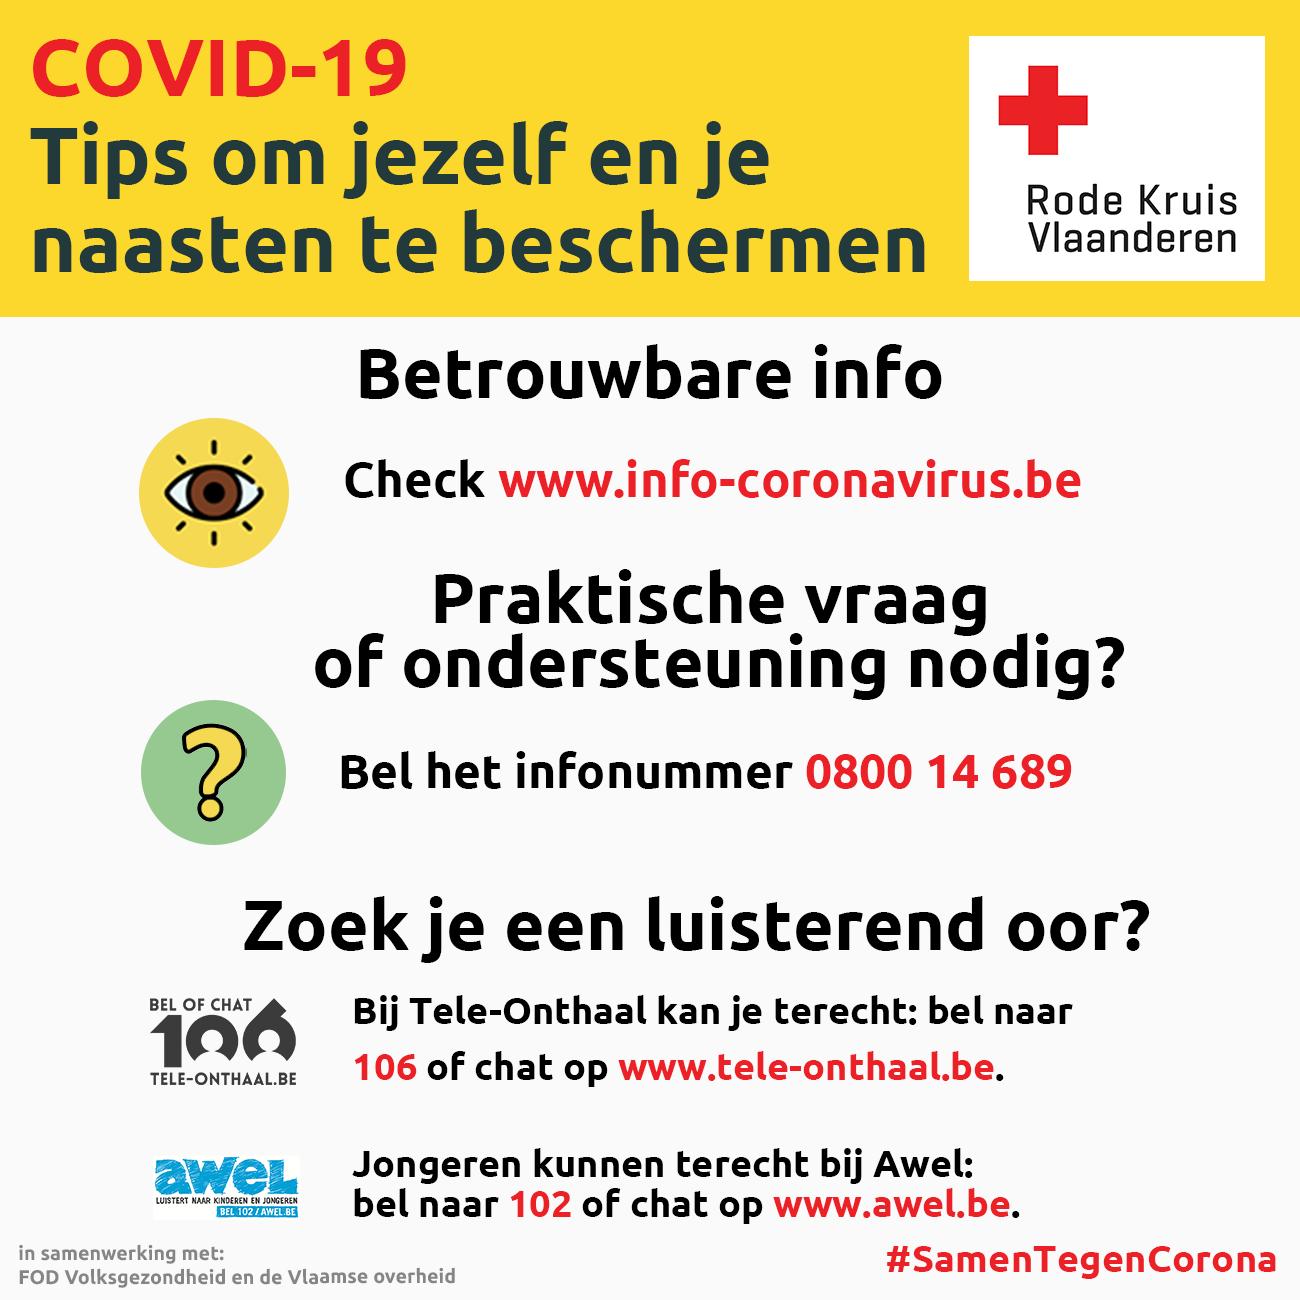 Coronavirus: betrouwbare info